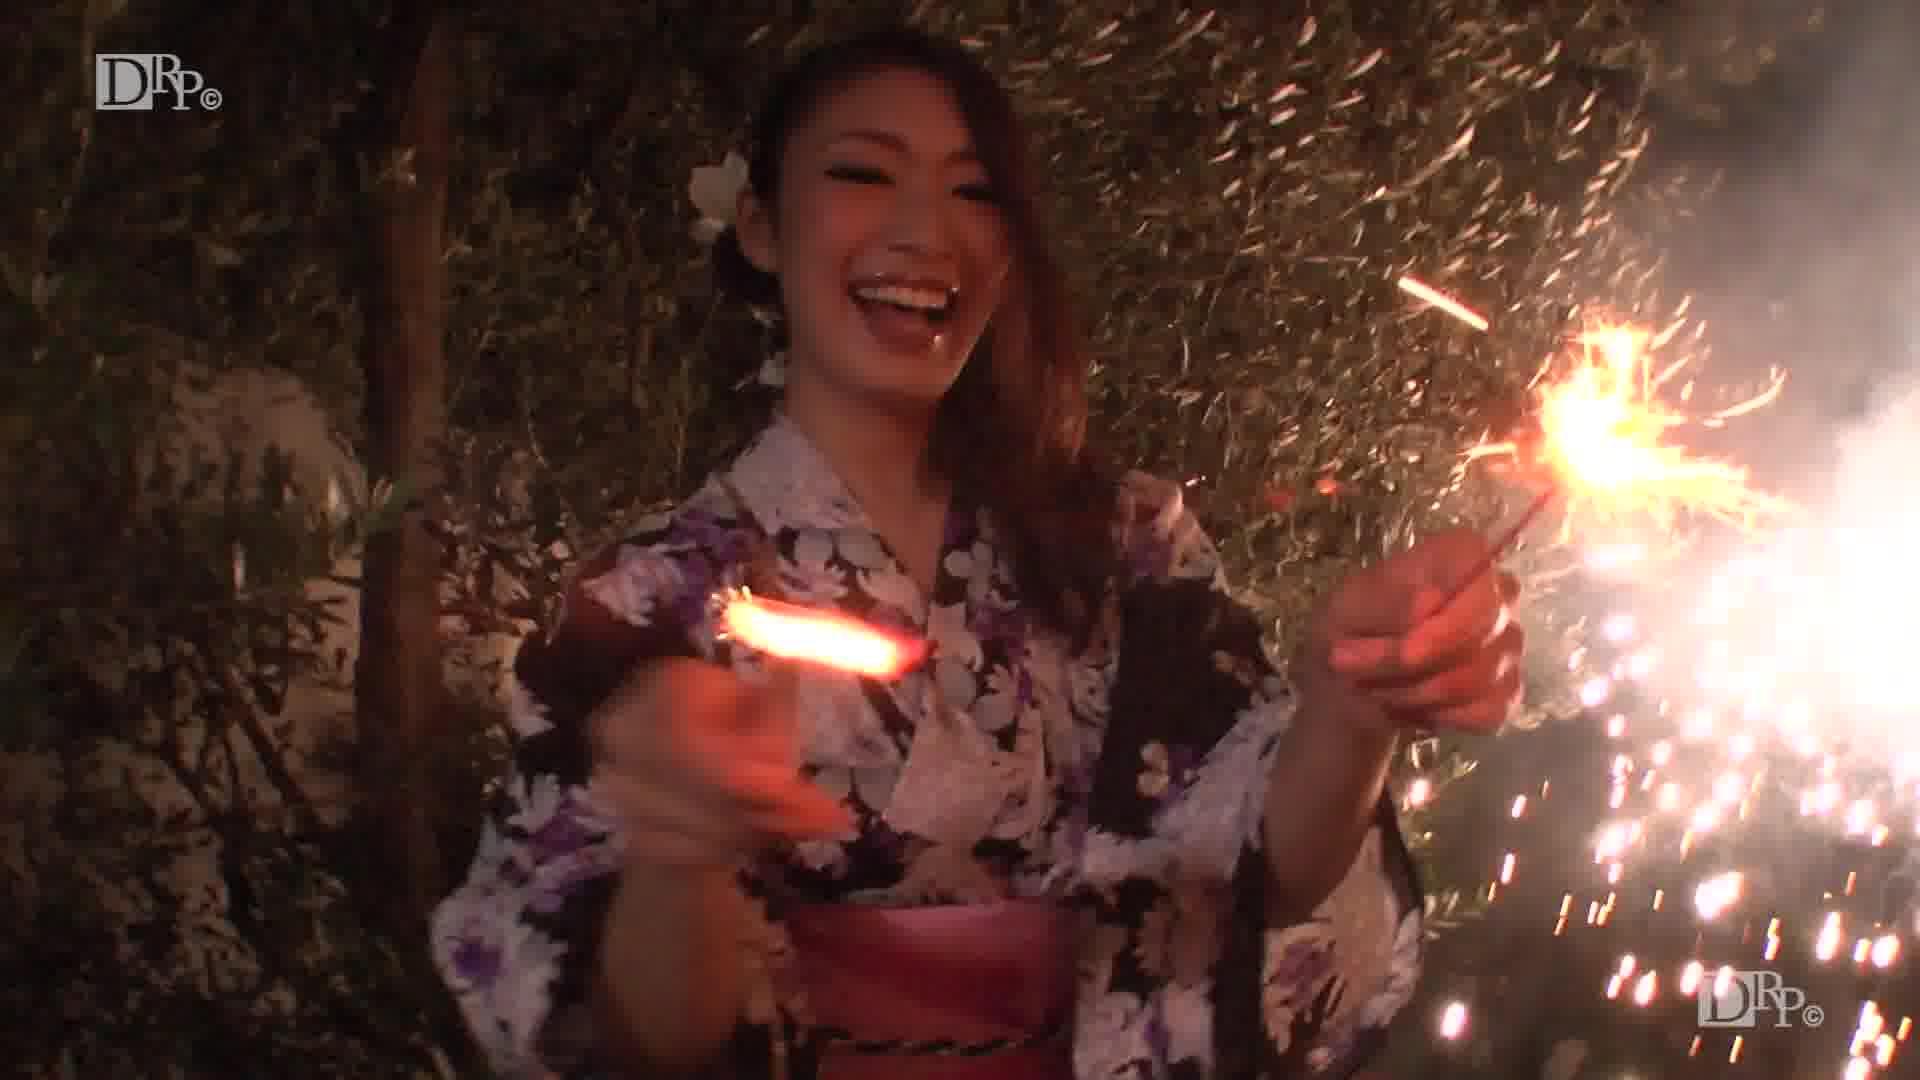 浴衣をはぎ取らせて悶える妖艶な女 - 小早川怜子【巨乳・パイズリ・3P】